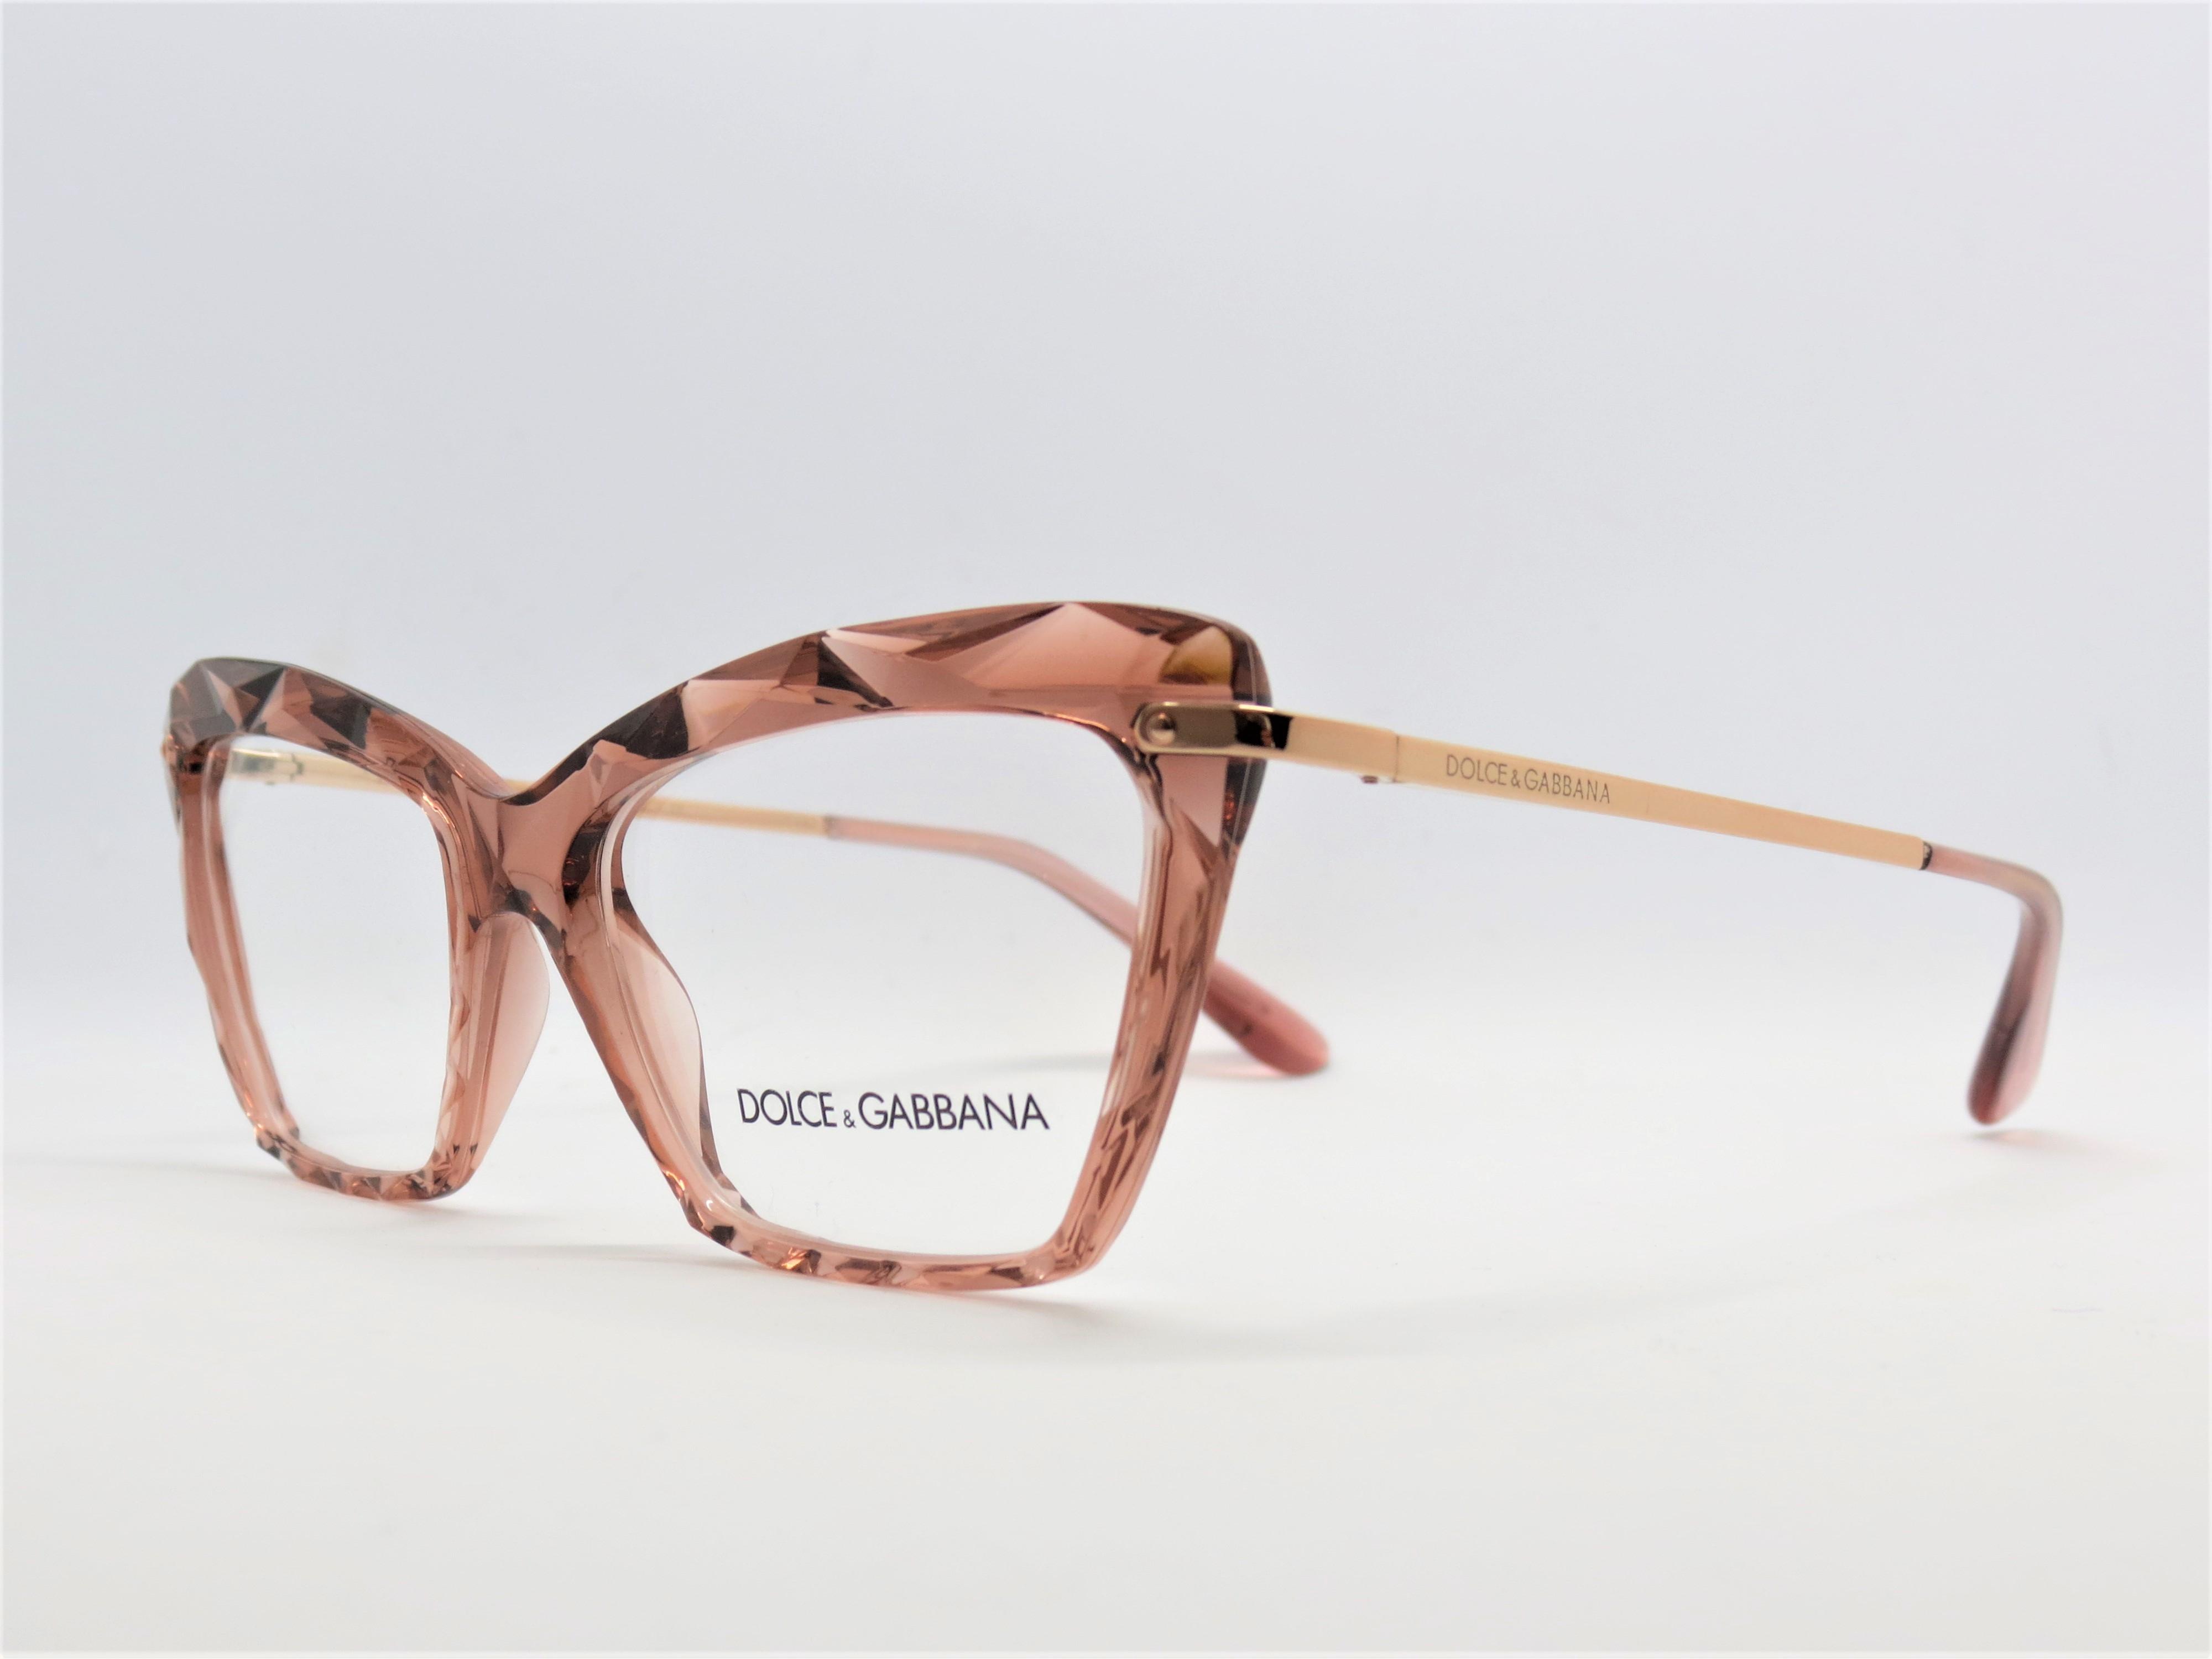 Dolce&Gabbana DG5025